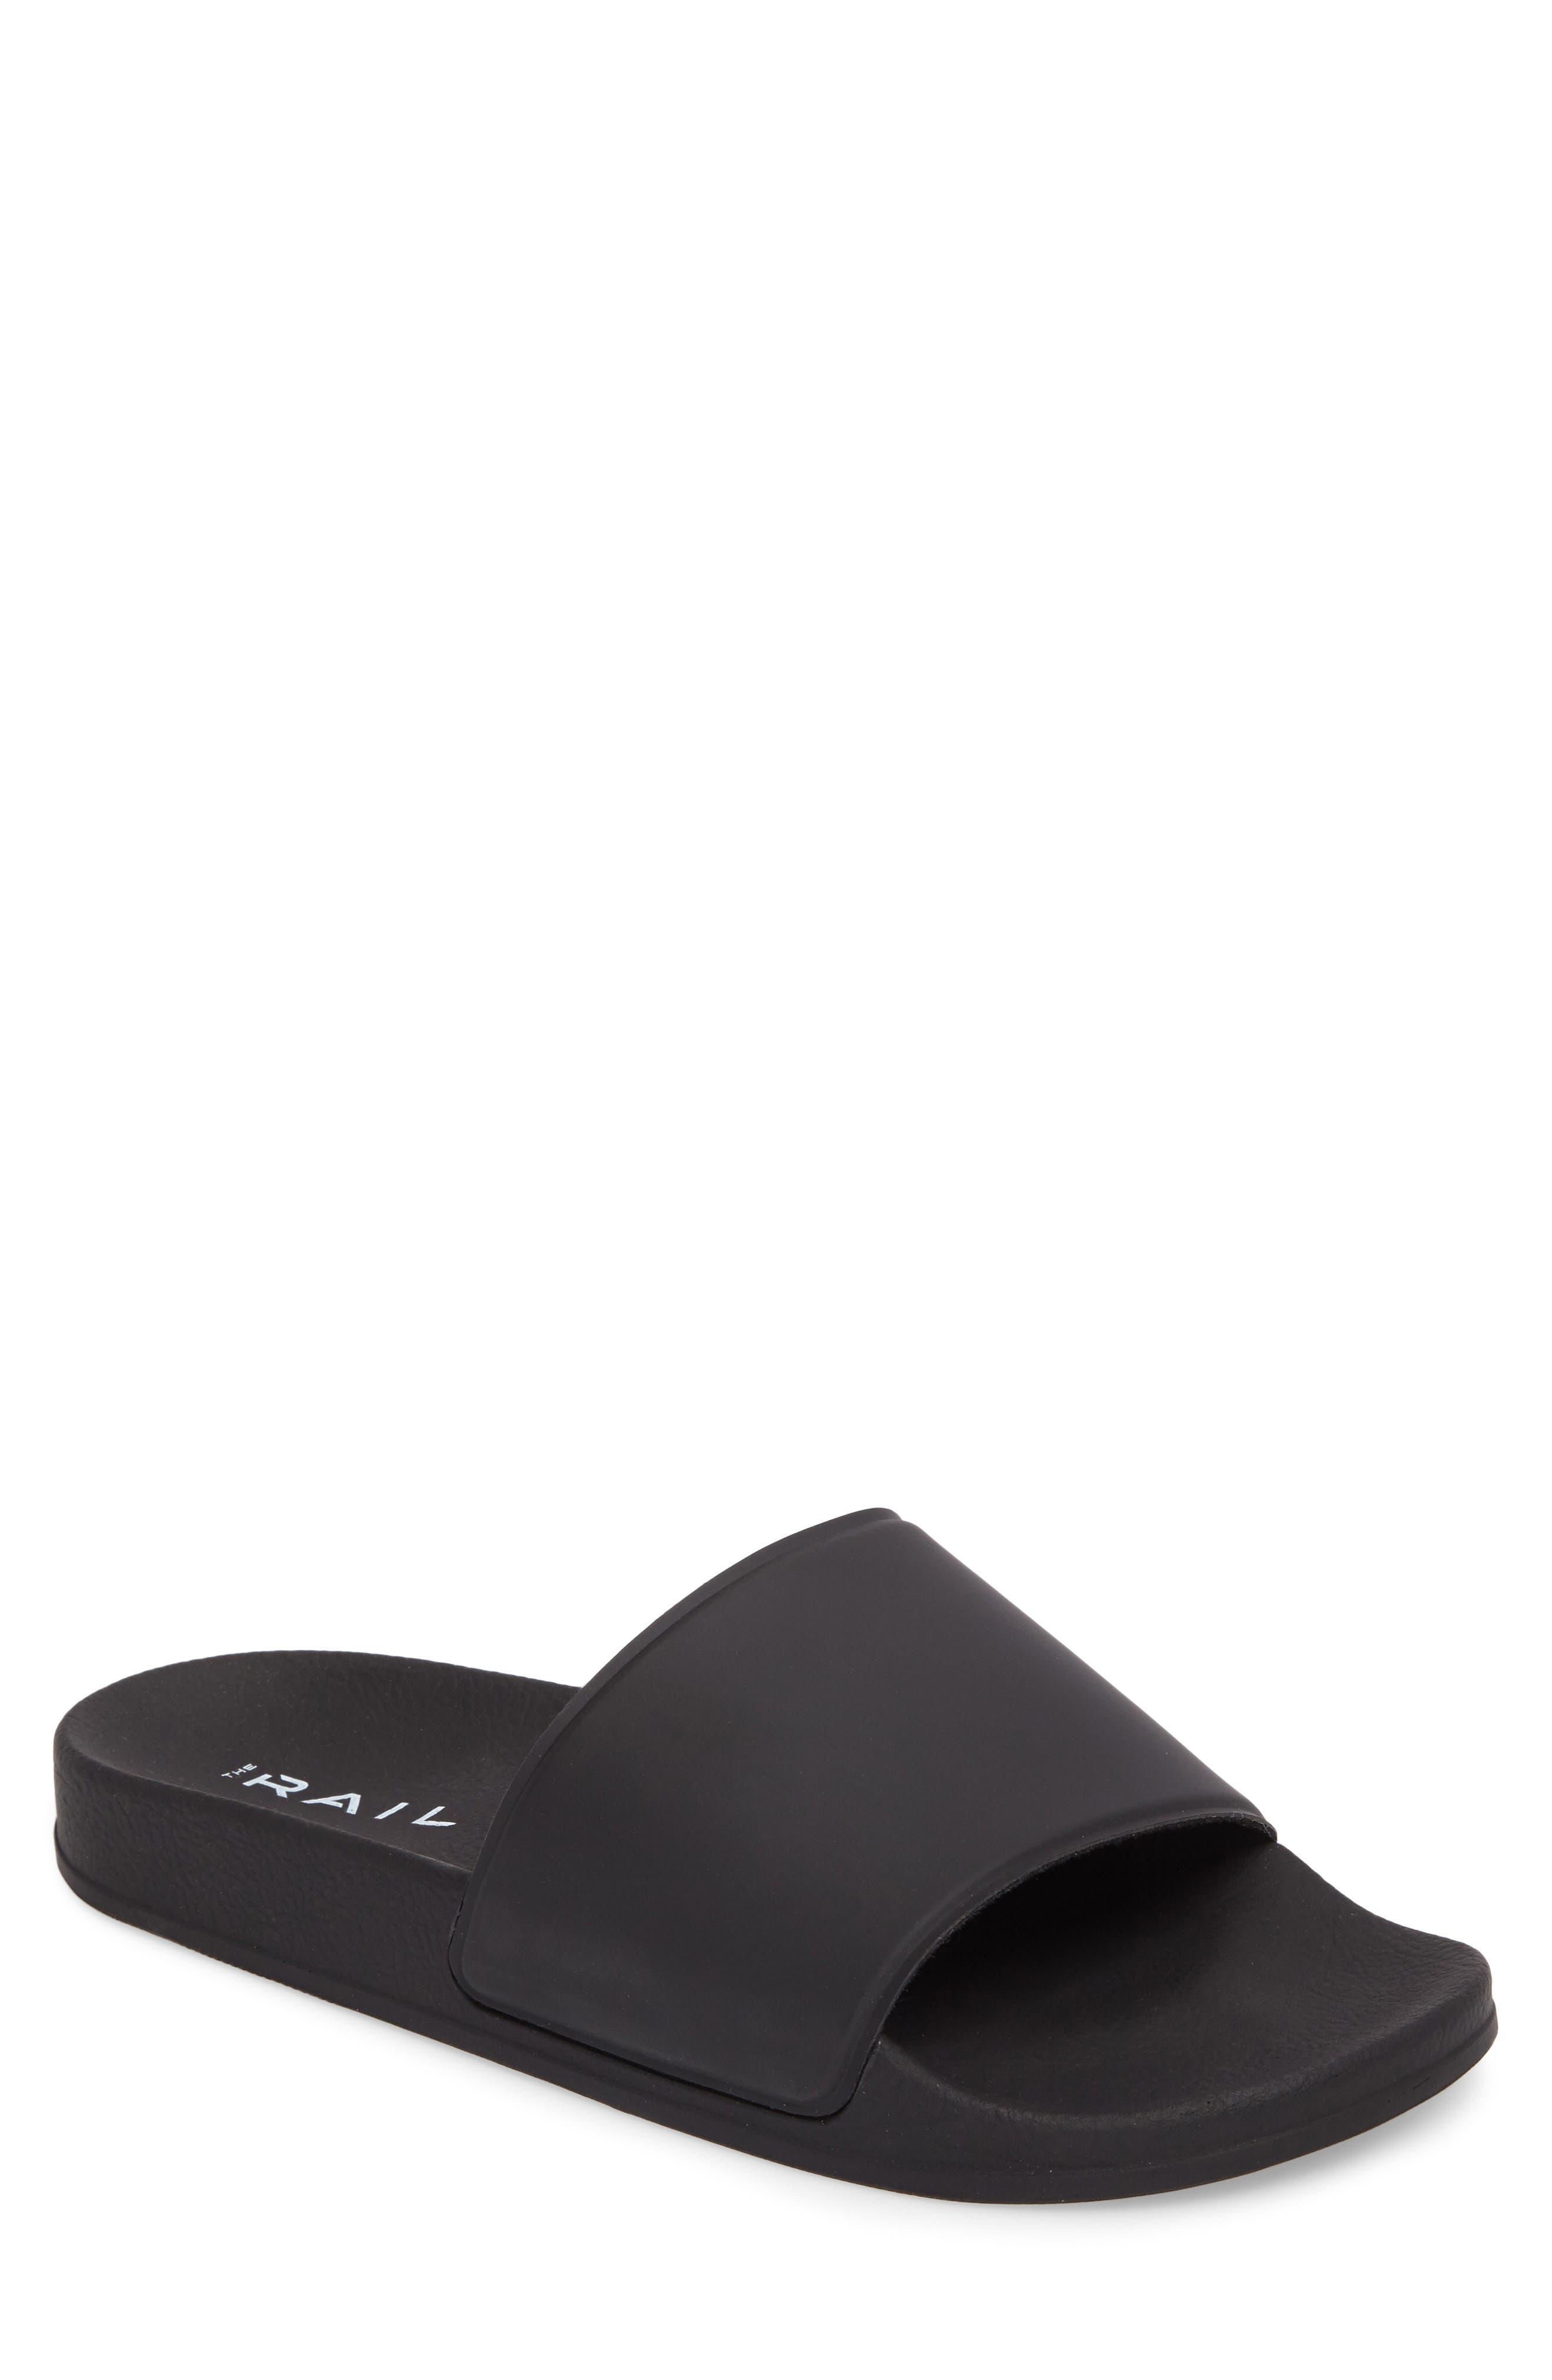 Bondi Slide Sandal,                             Main thumbnail 1, color,                             BLACK